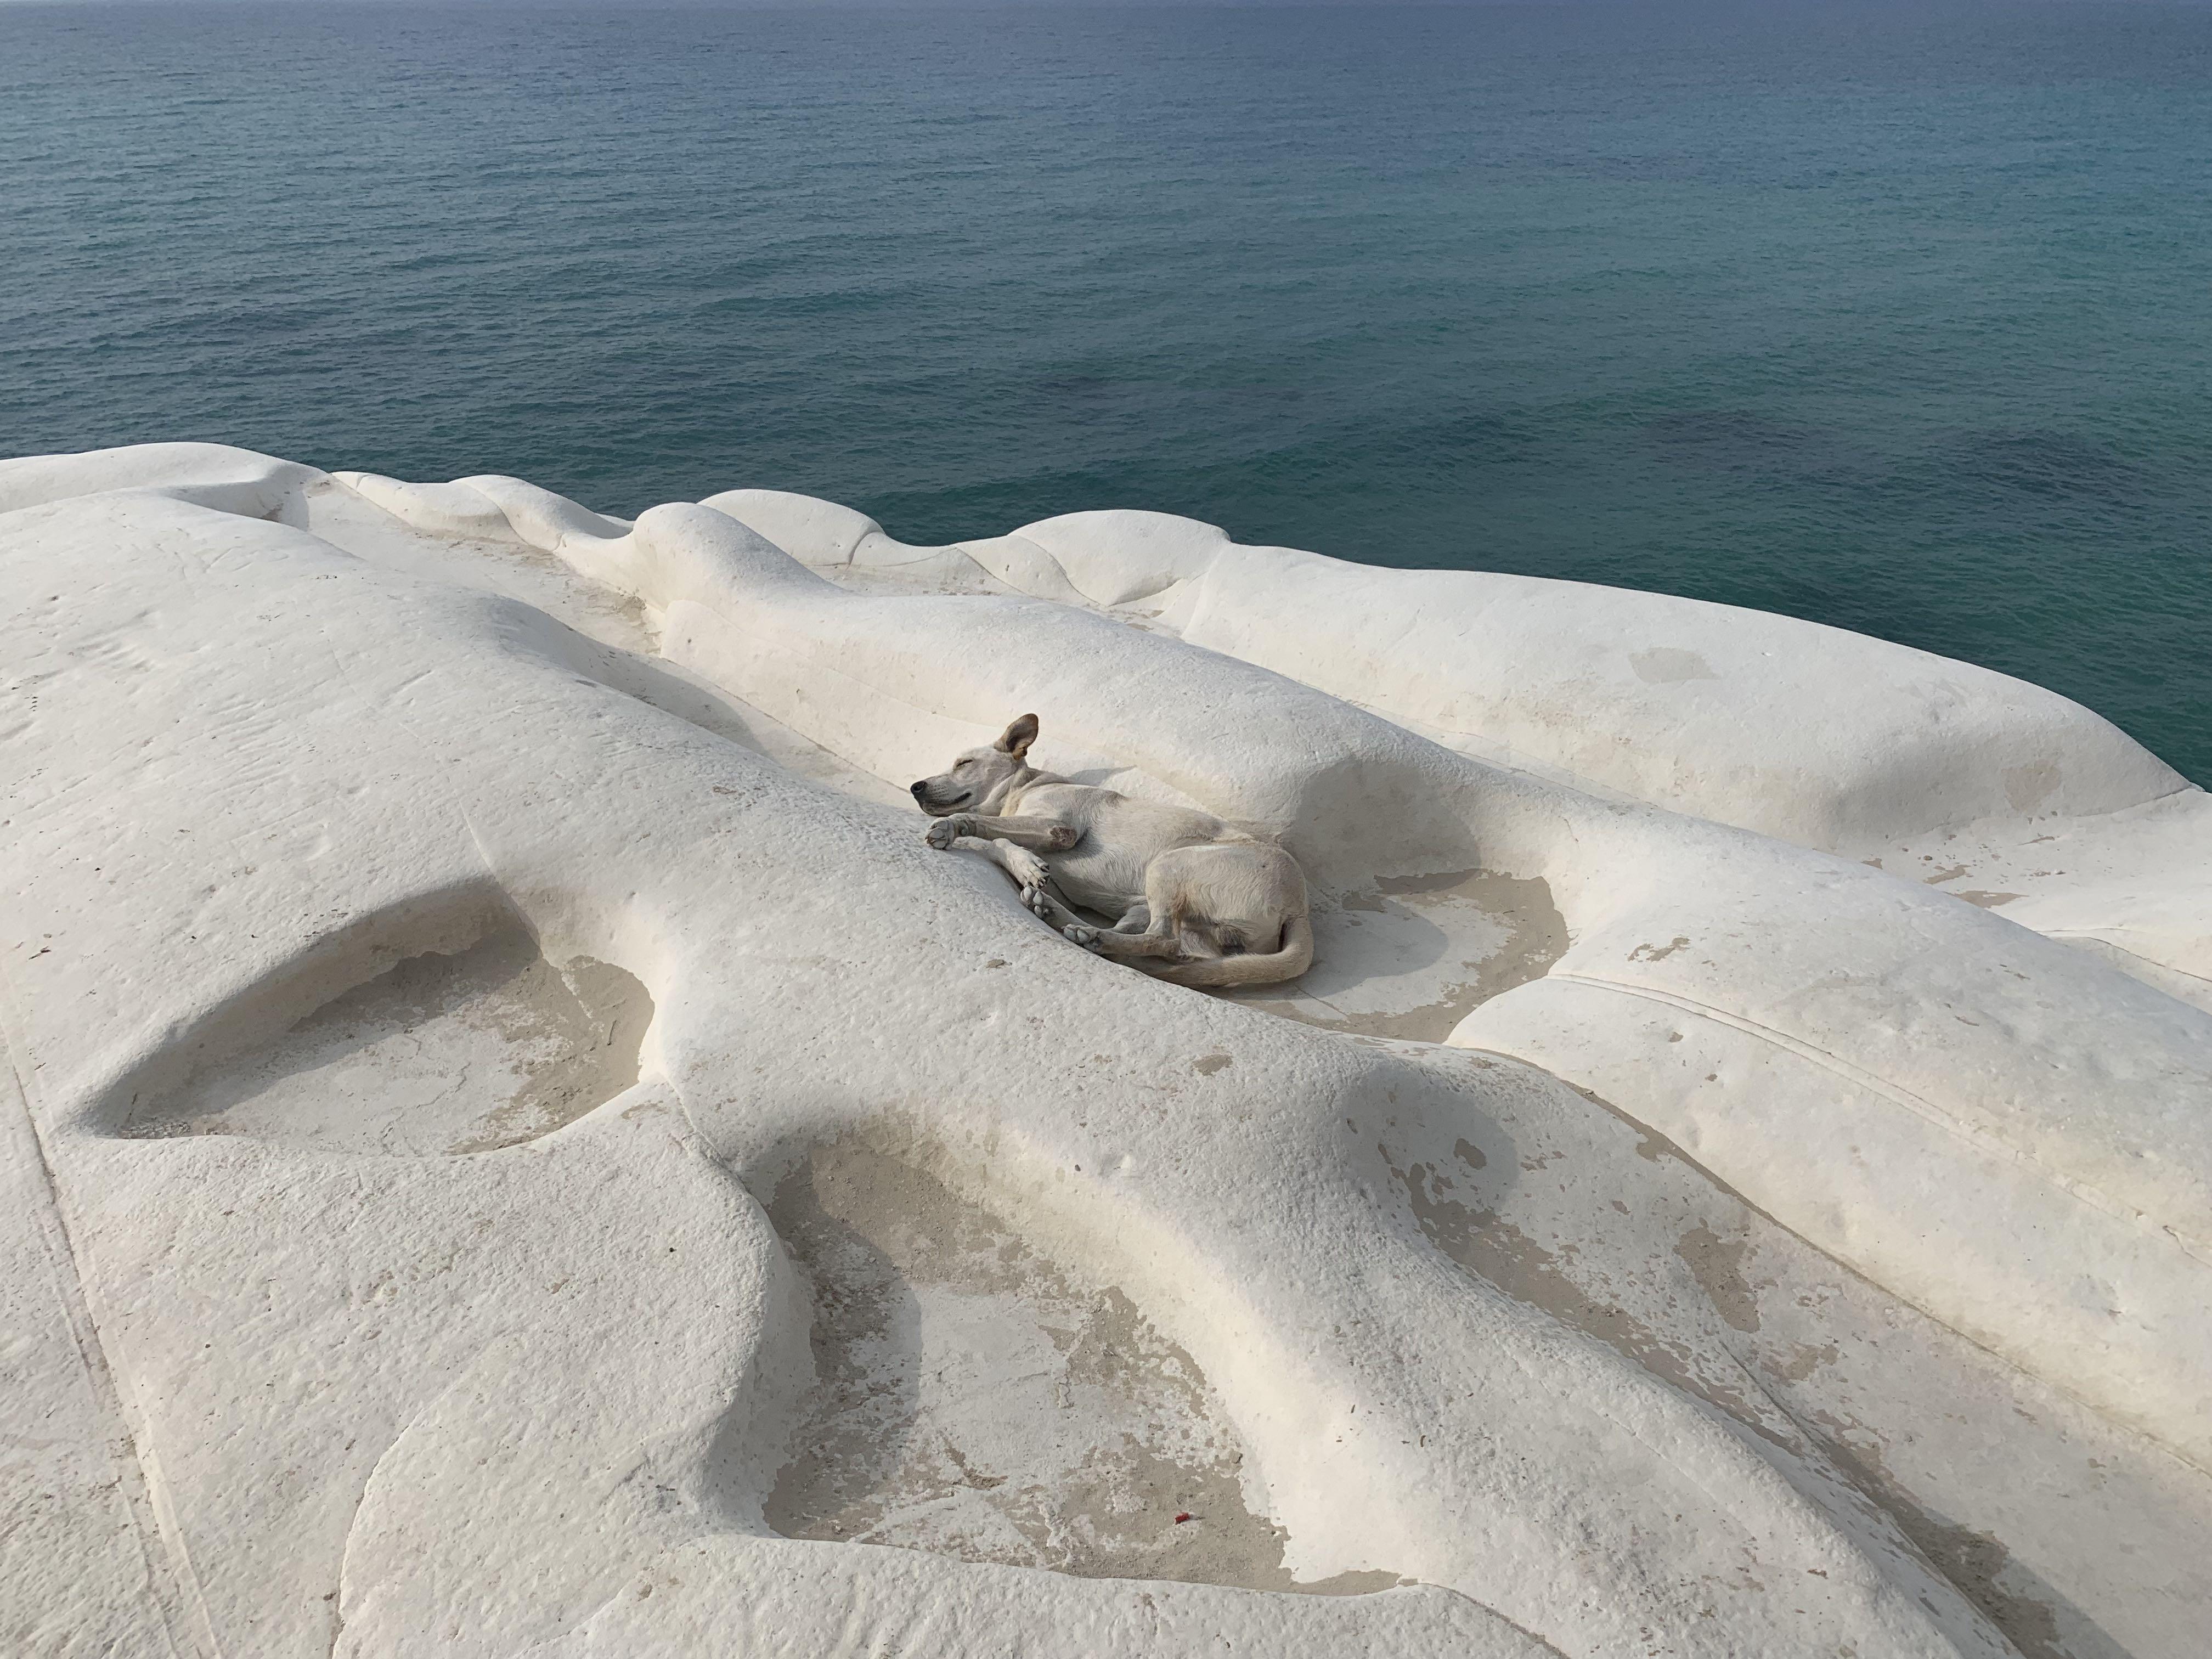 même le chien a pris la couleur de la falaise !